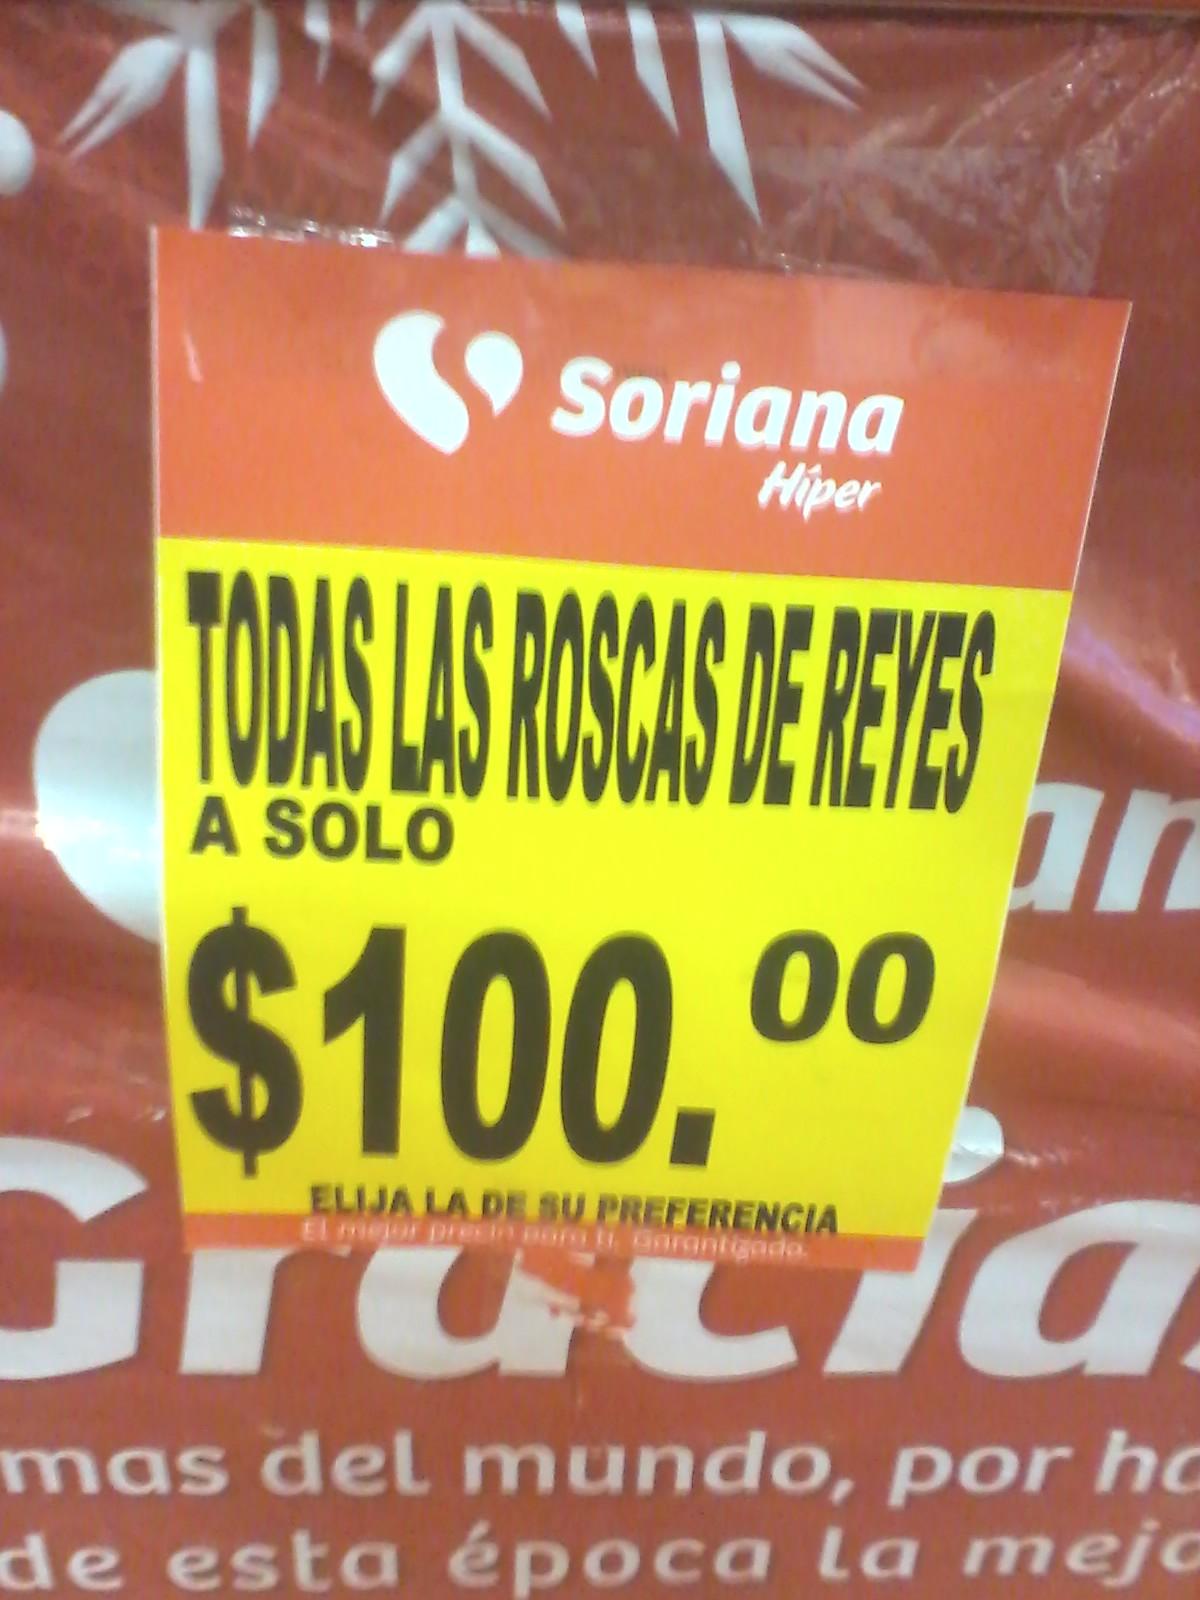 Soriana: TODAS Las Roscas de Reyes de cualquier tamaño y las rellenas de CHOCOLATE a $100, Galletas gamesa surtido rico $19.50